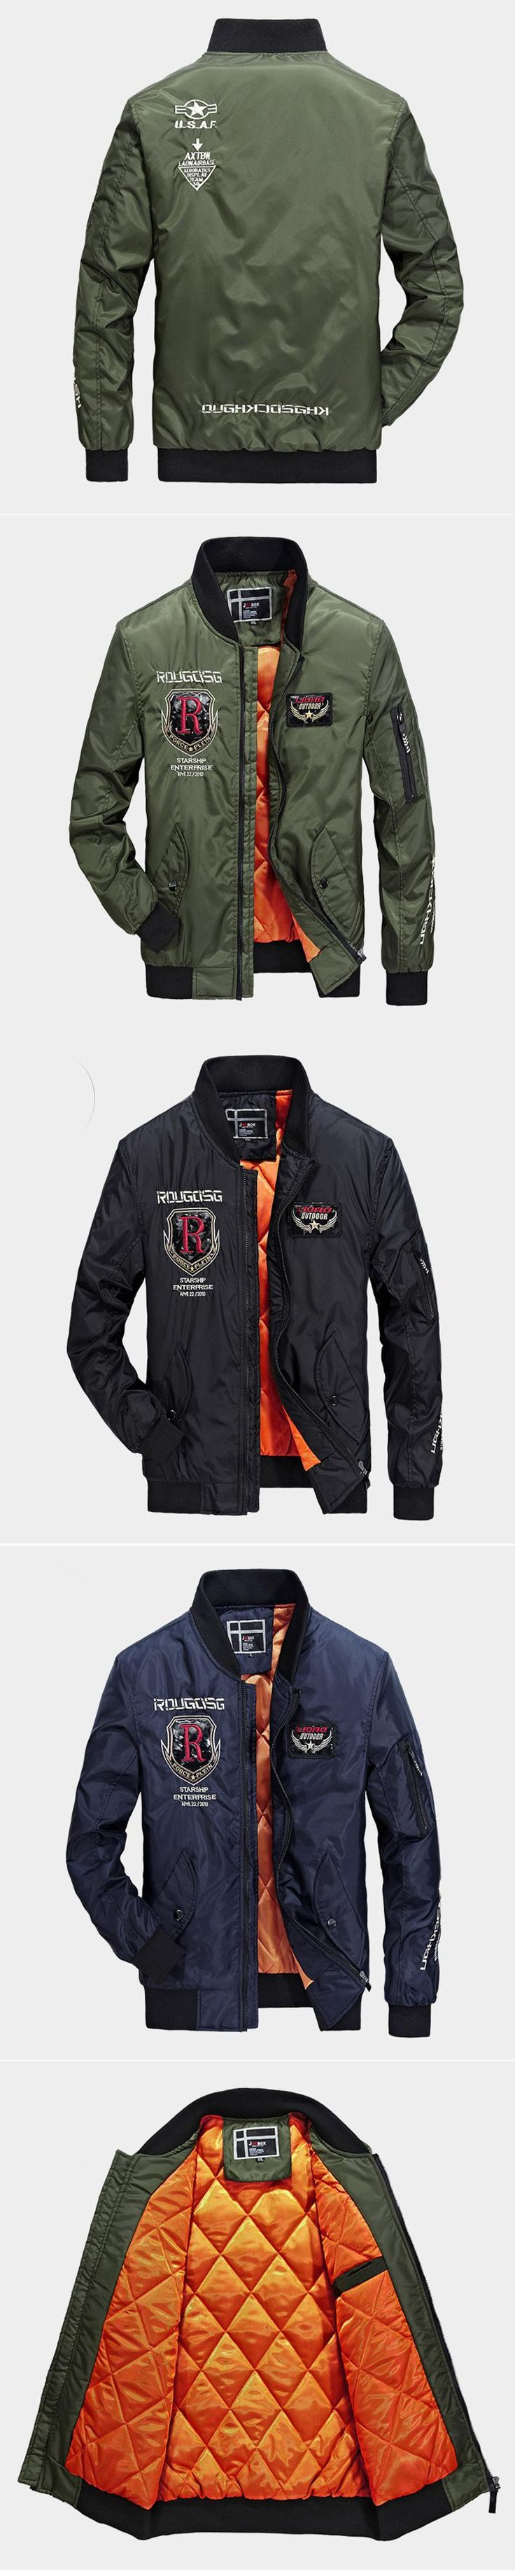 The air force jacket cortavientos veste homme ma1 bomber jacket mens coats jacket men reflective jacket veste homme hiver 62